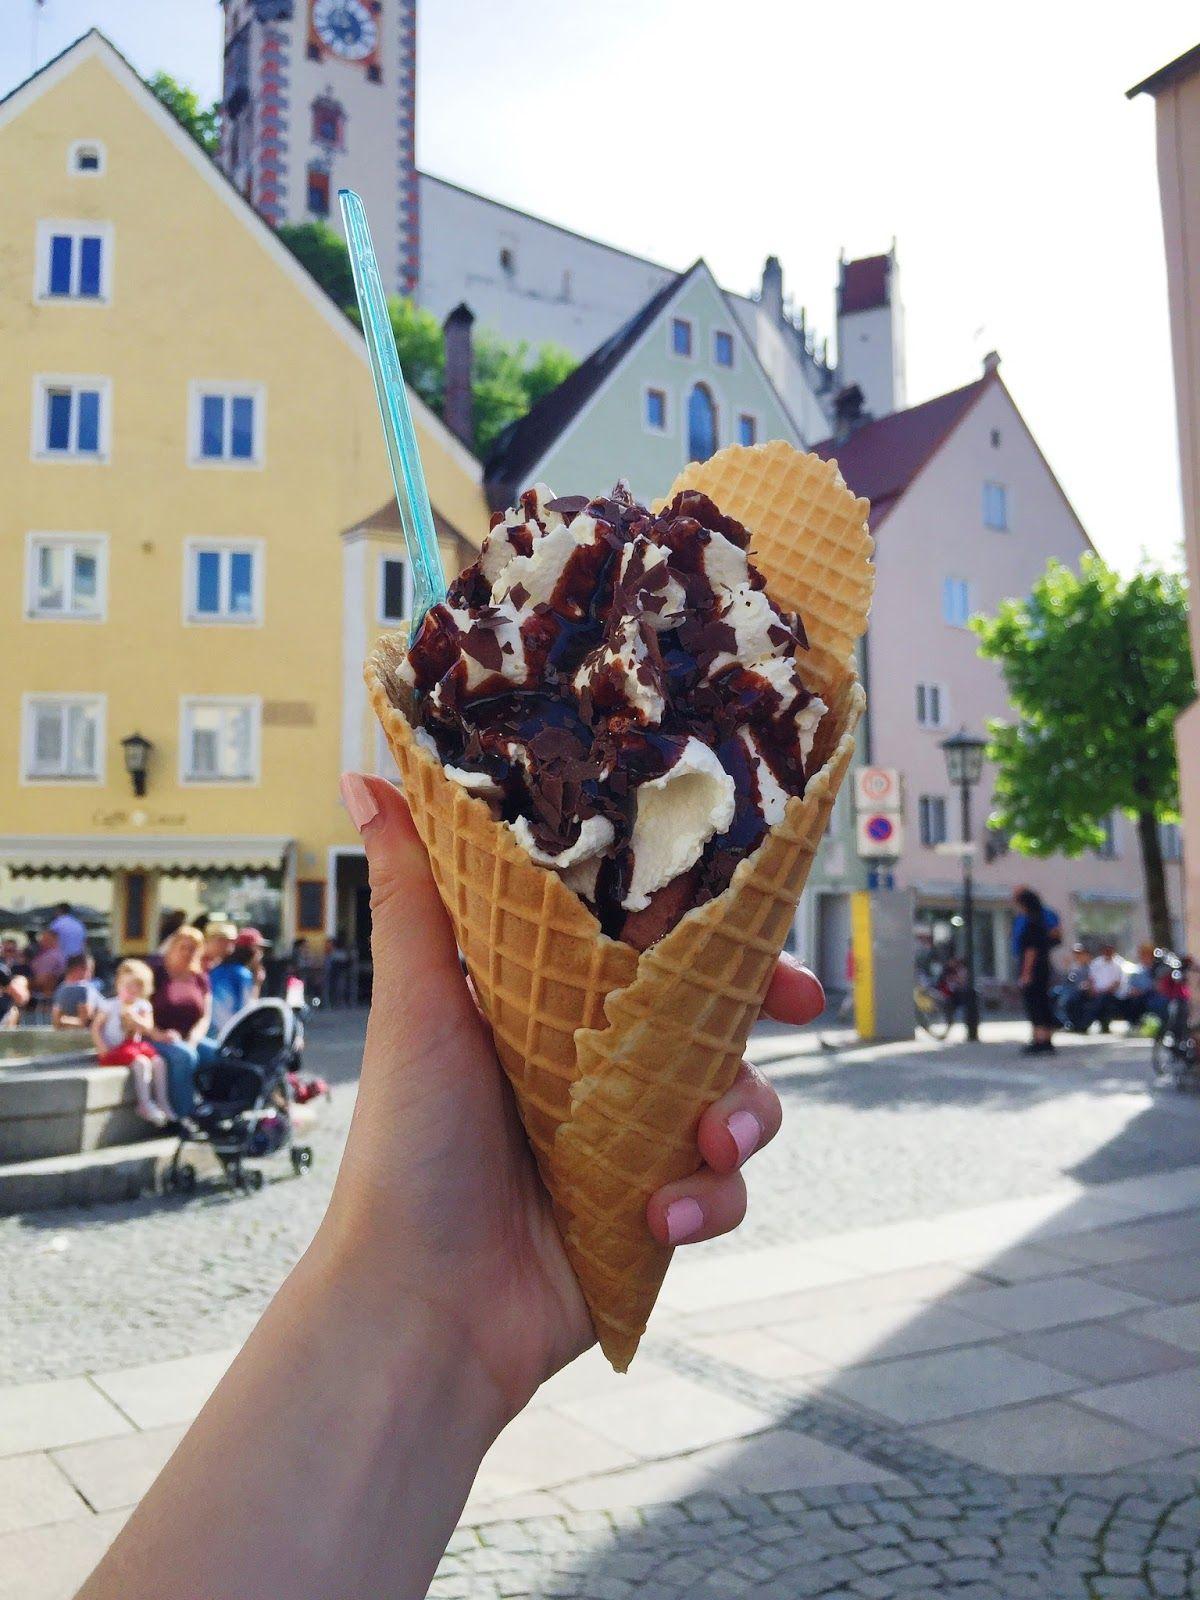 Ice cream in Füssen, Germany